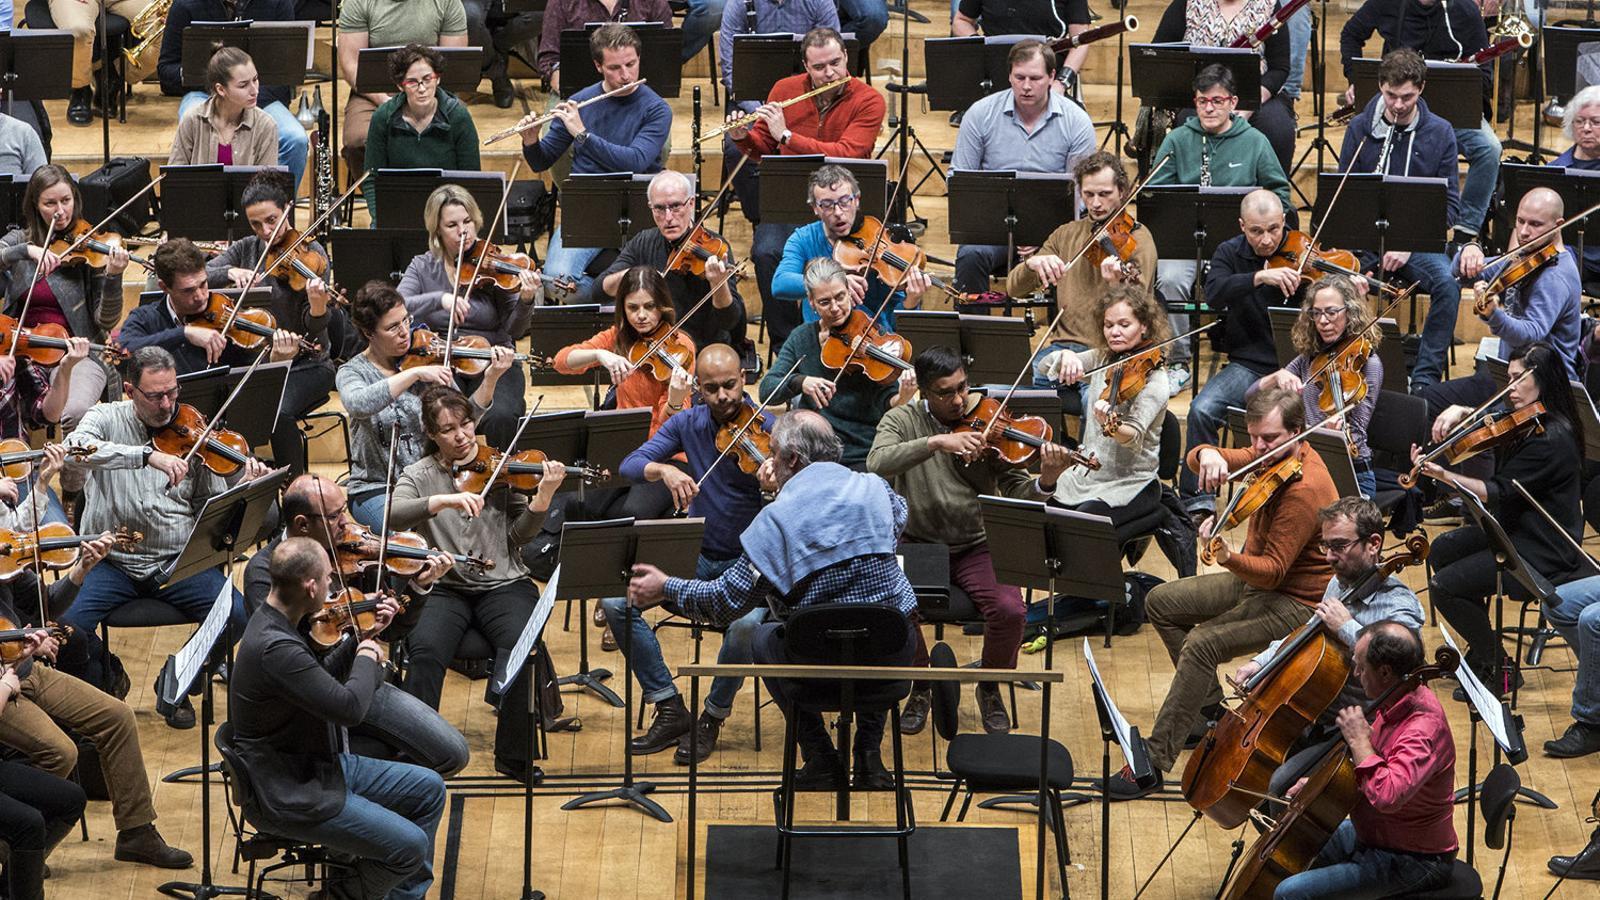 L'Orquestra Simfònica i Nacional de Catalunya durant un  Assaig dirigit per Kazushi Ono. / CÈLIA ATSET